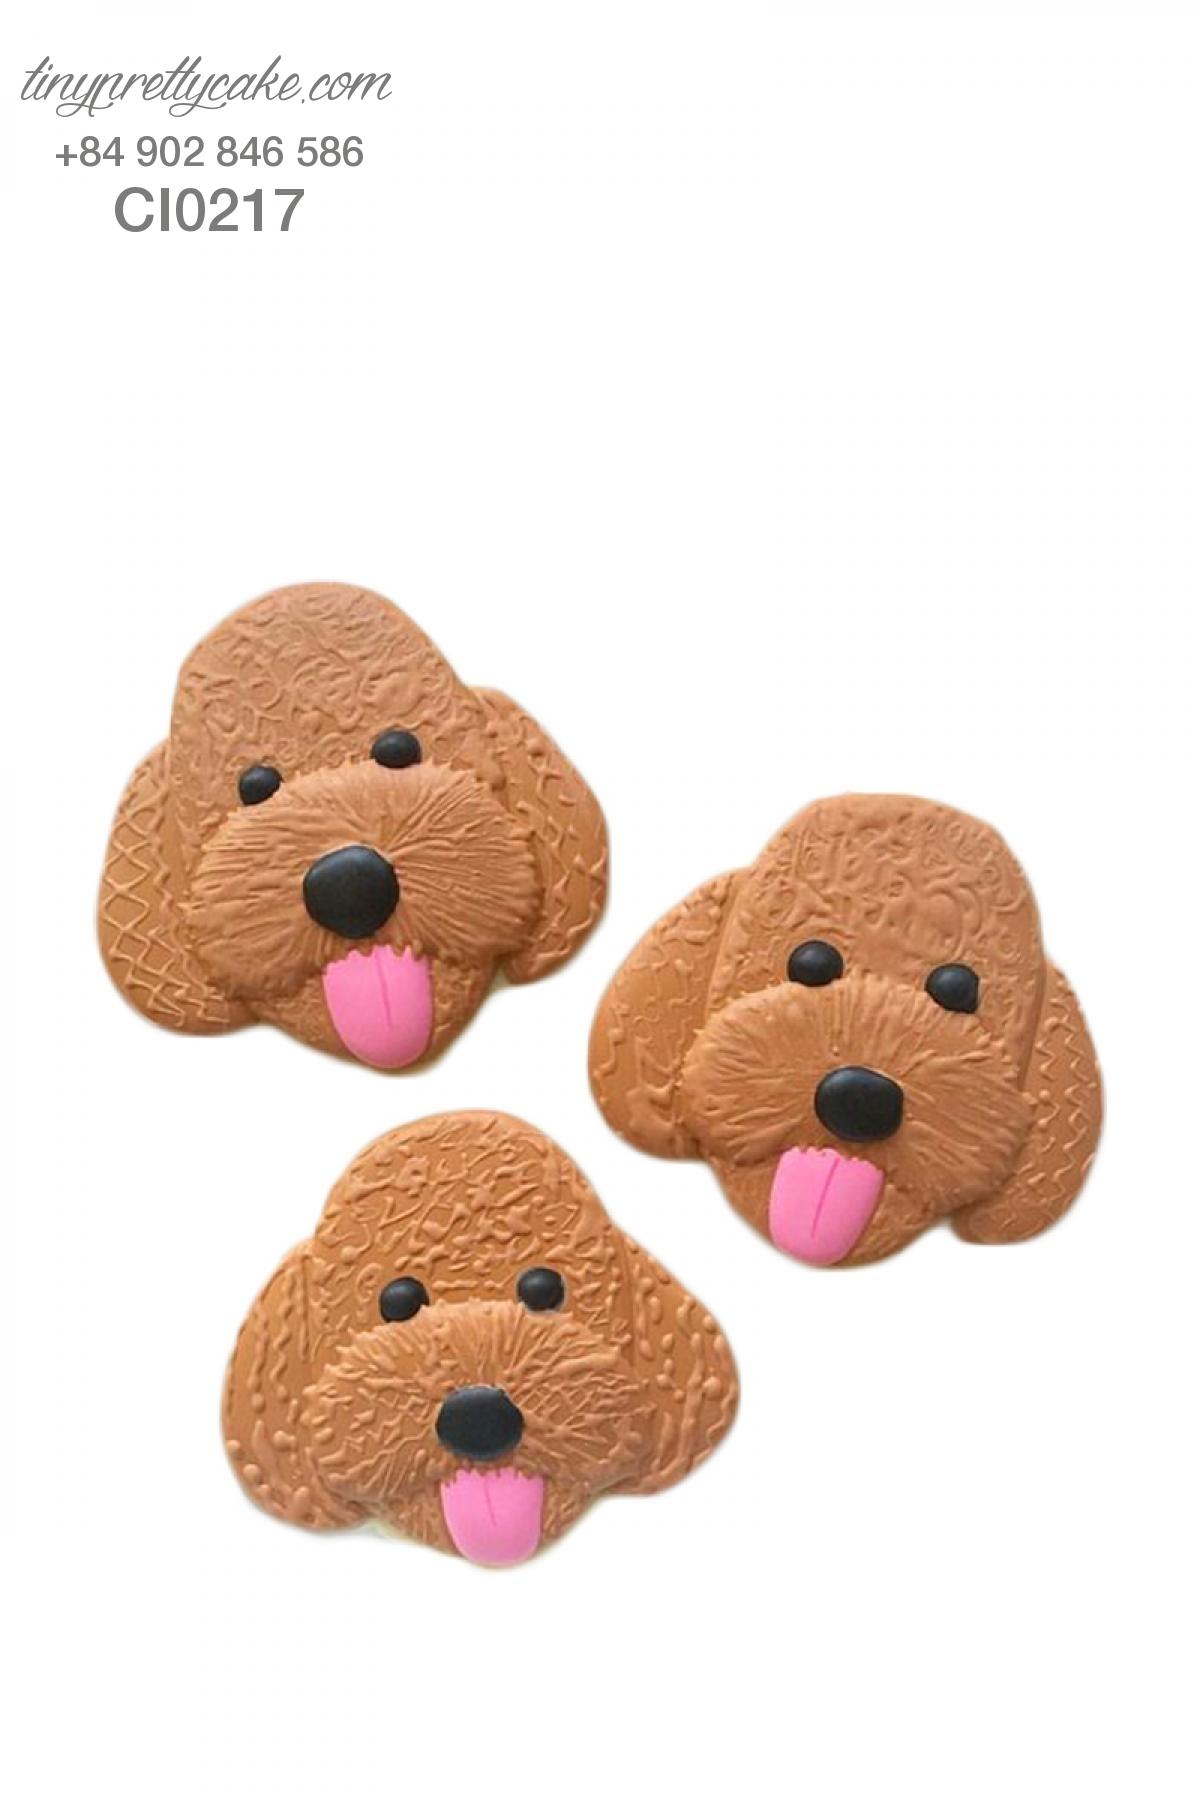 Cookie cún con màu nâu cực đáng yêu - mừng sinh nhật bé trai, bé gái (CI0217)